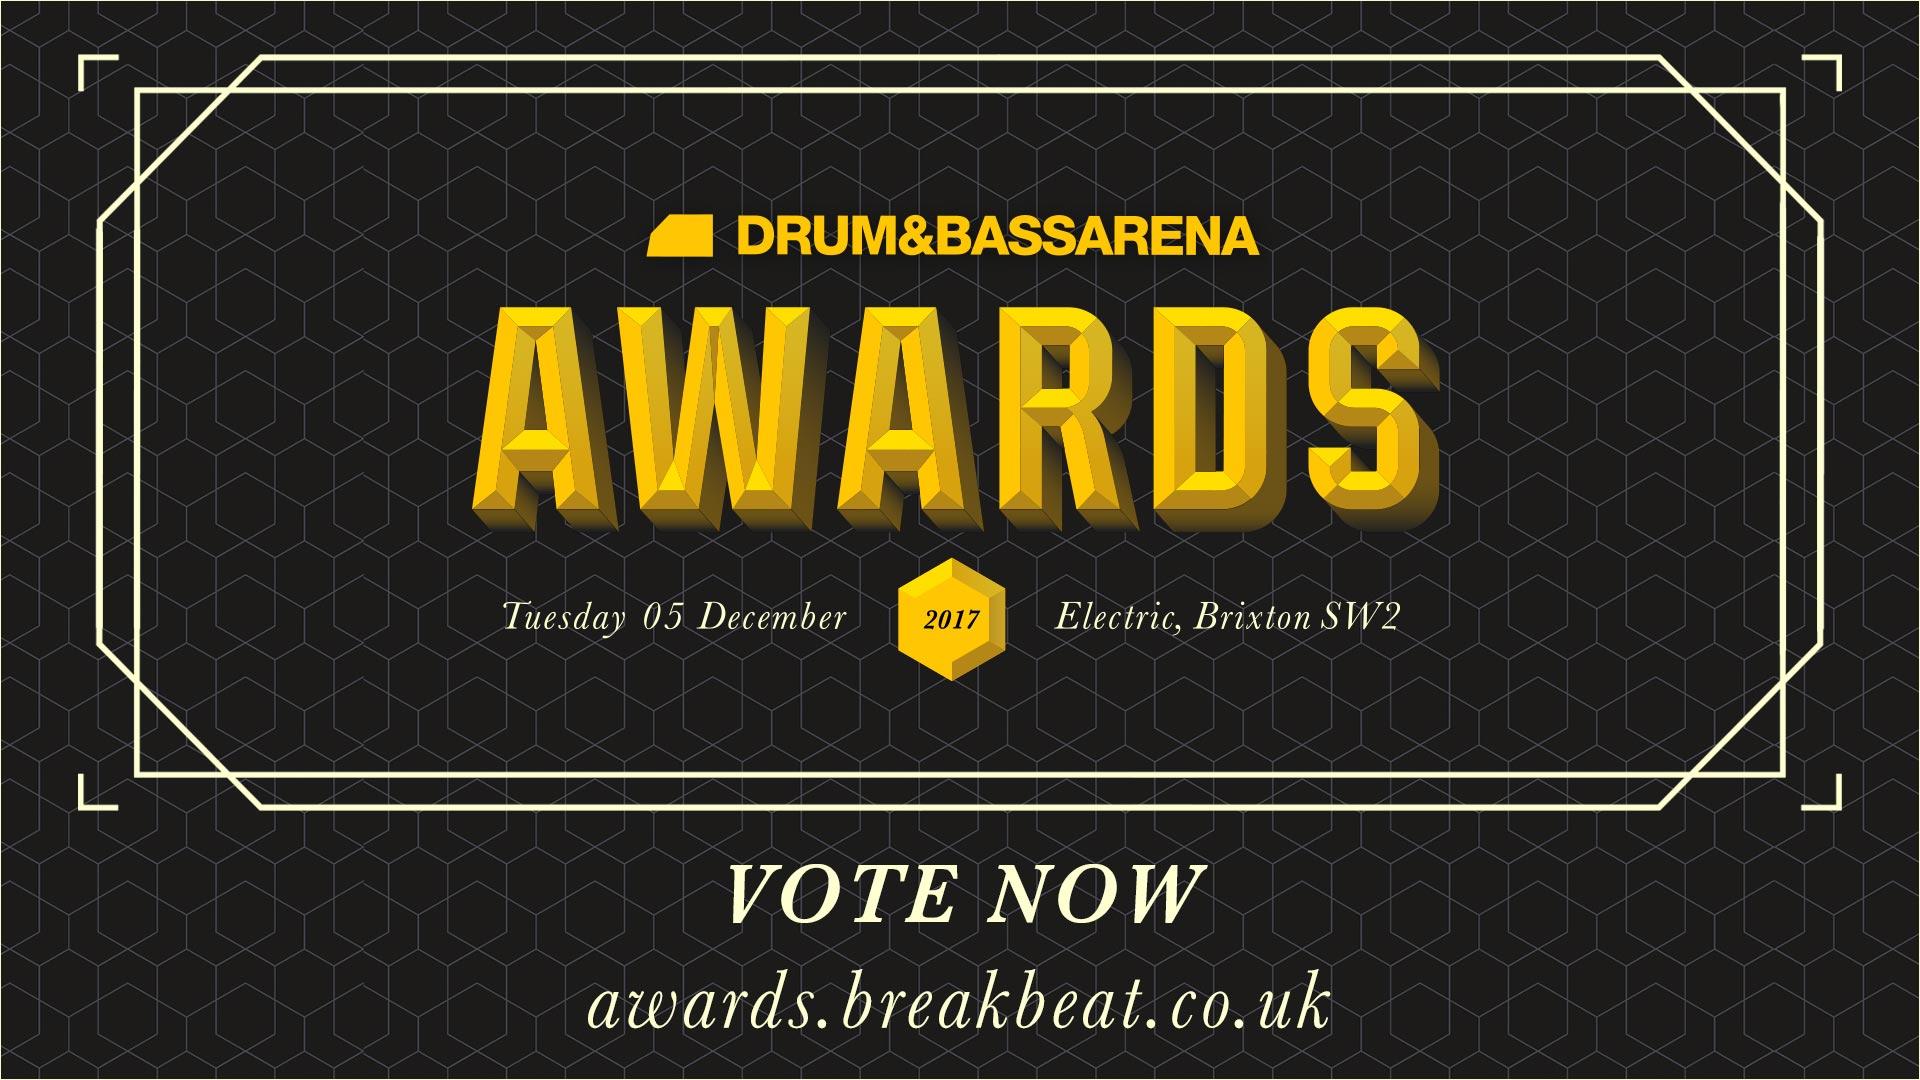 save the date drum bassarena awards 2017 confirmed for 05 december. Black Bedroom Furniture Sets. Home Design Ideas